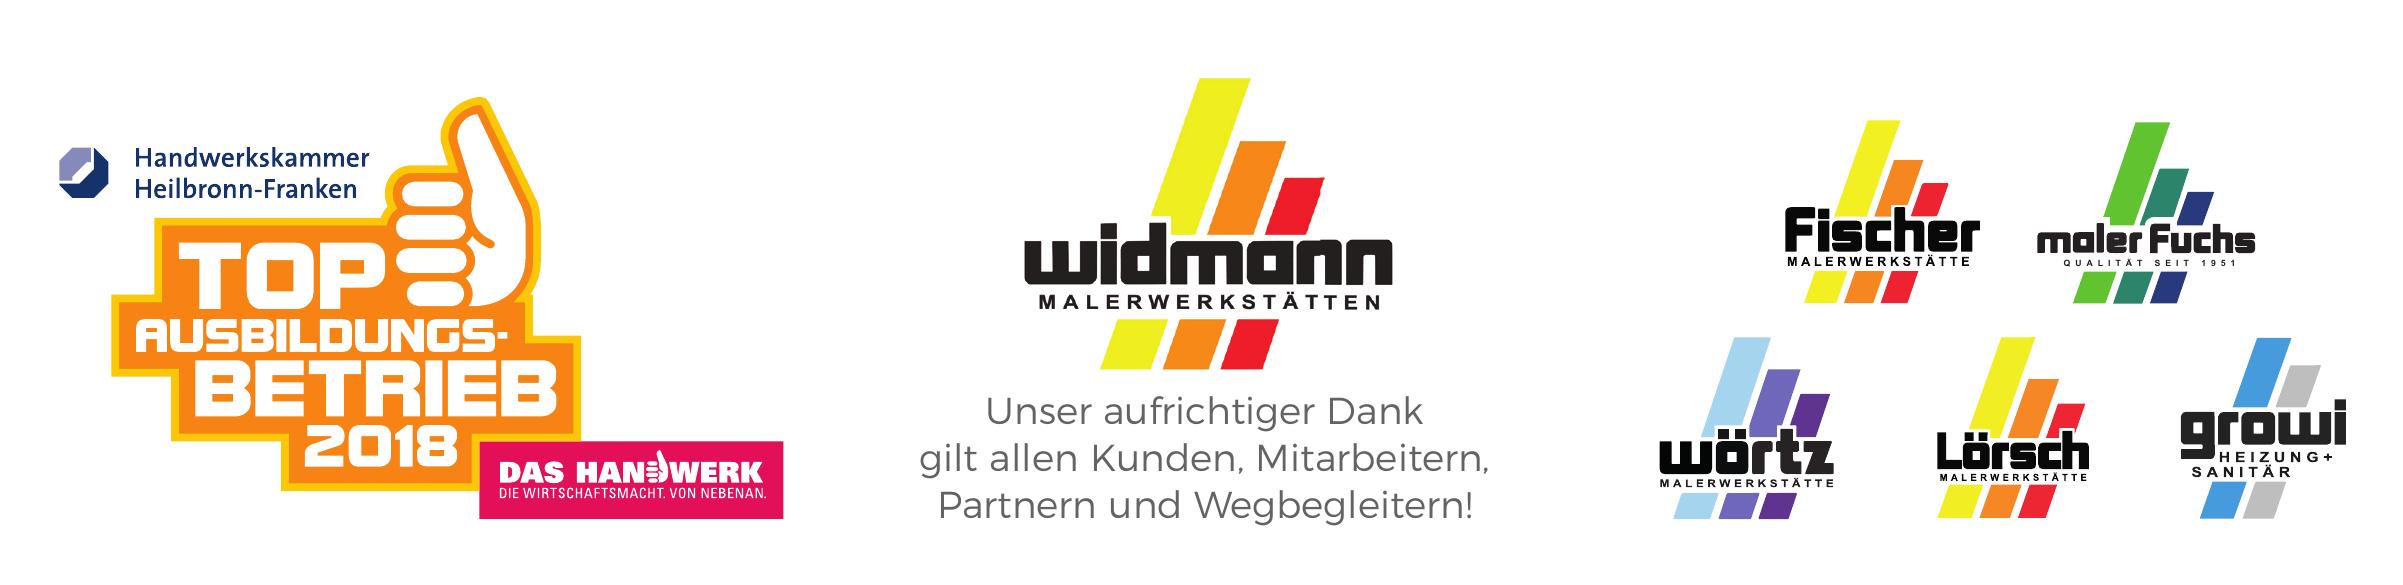 Handwerkskammer Heilbronn-Franken